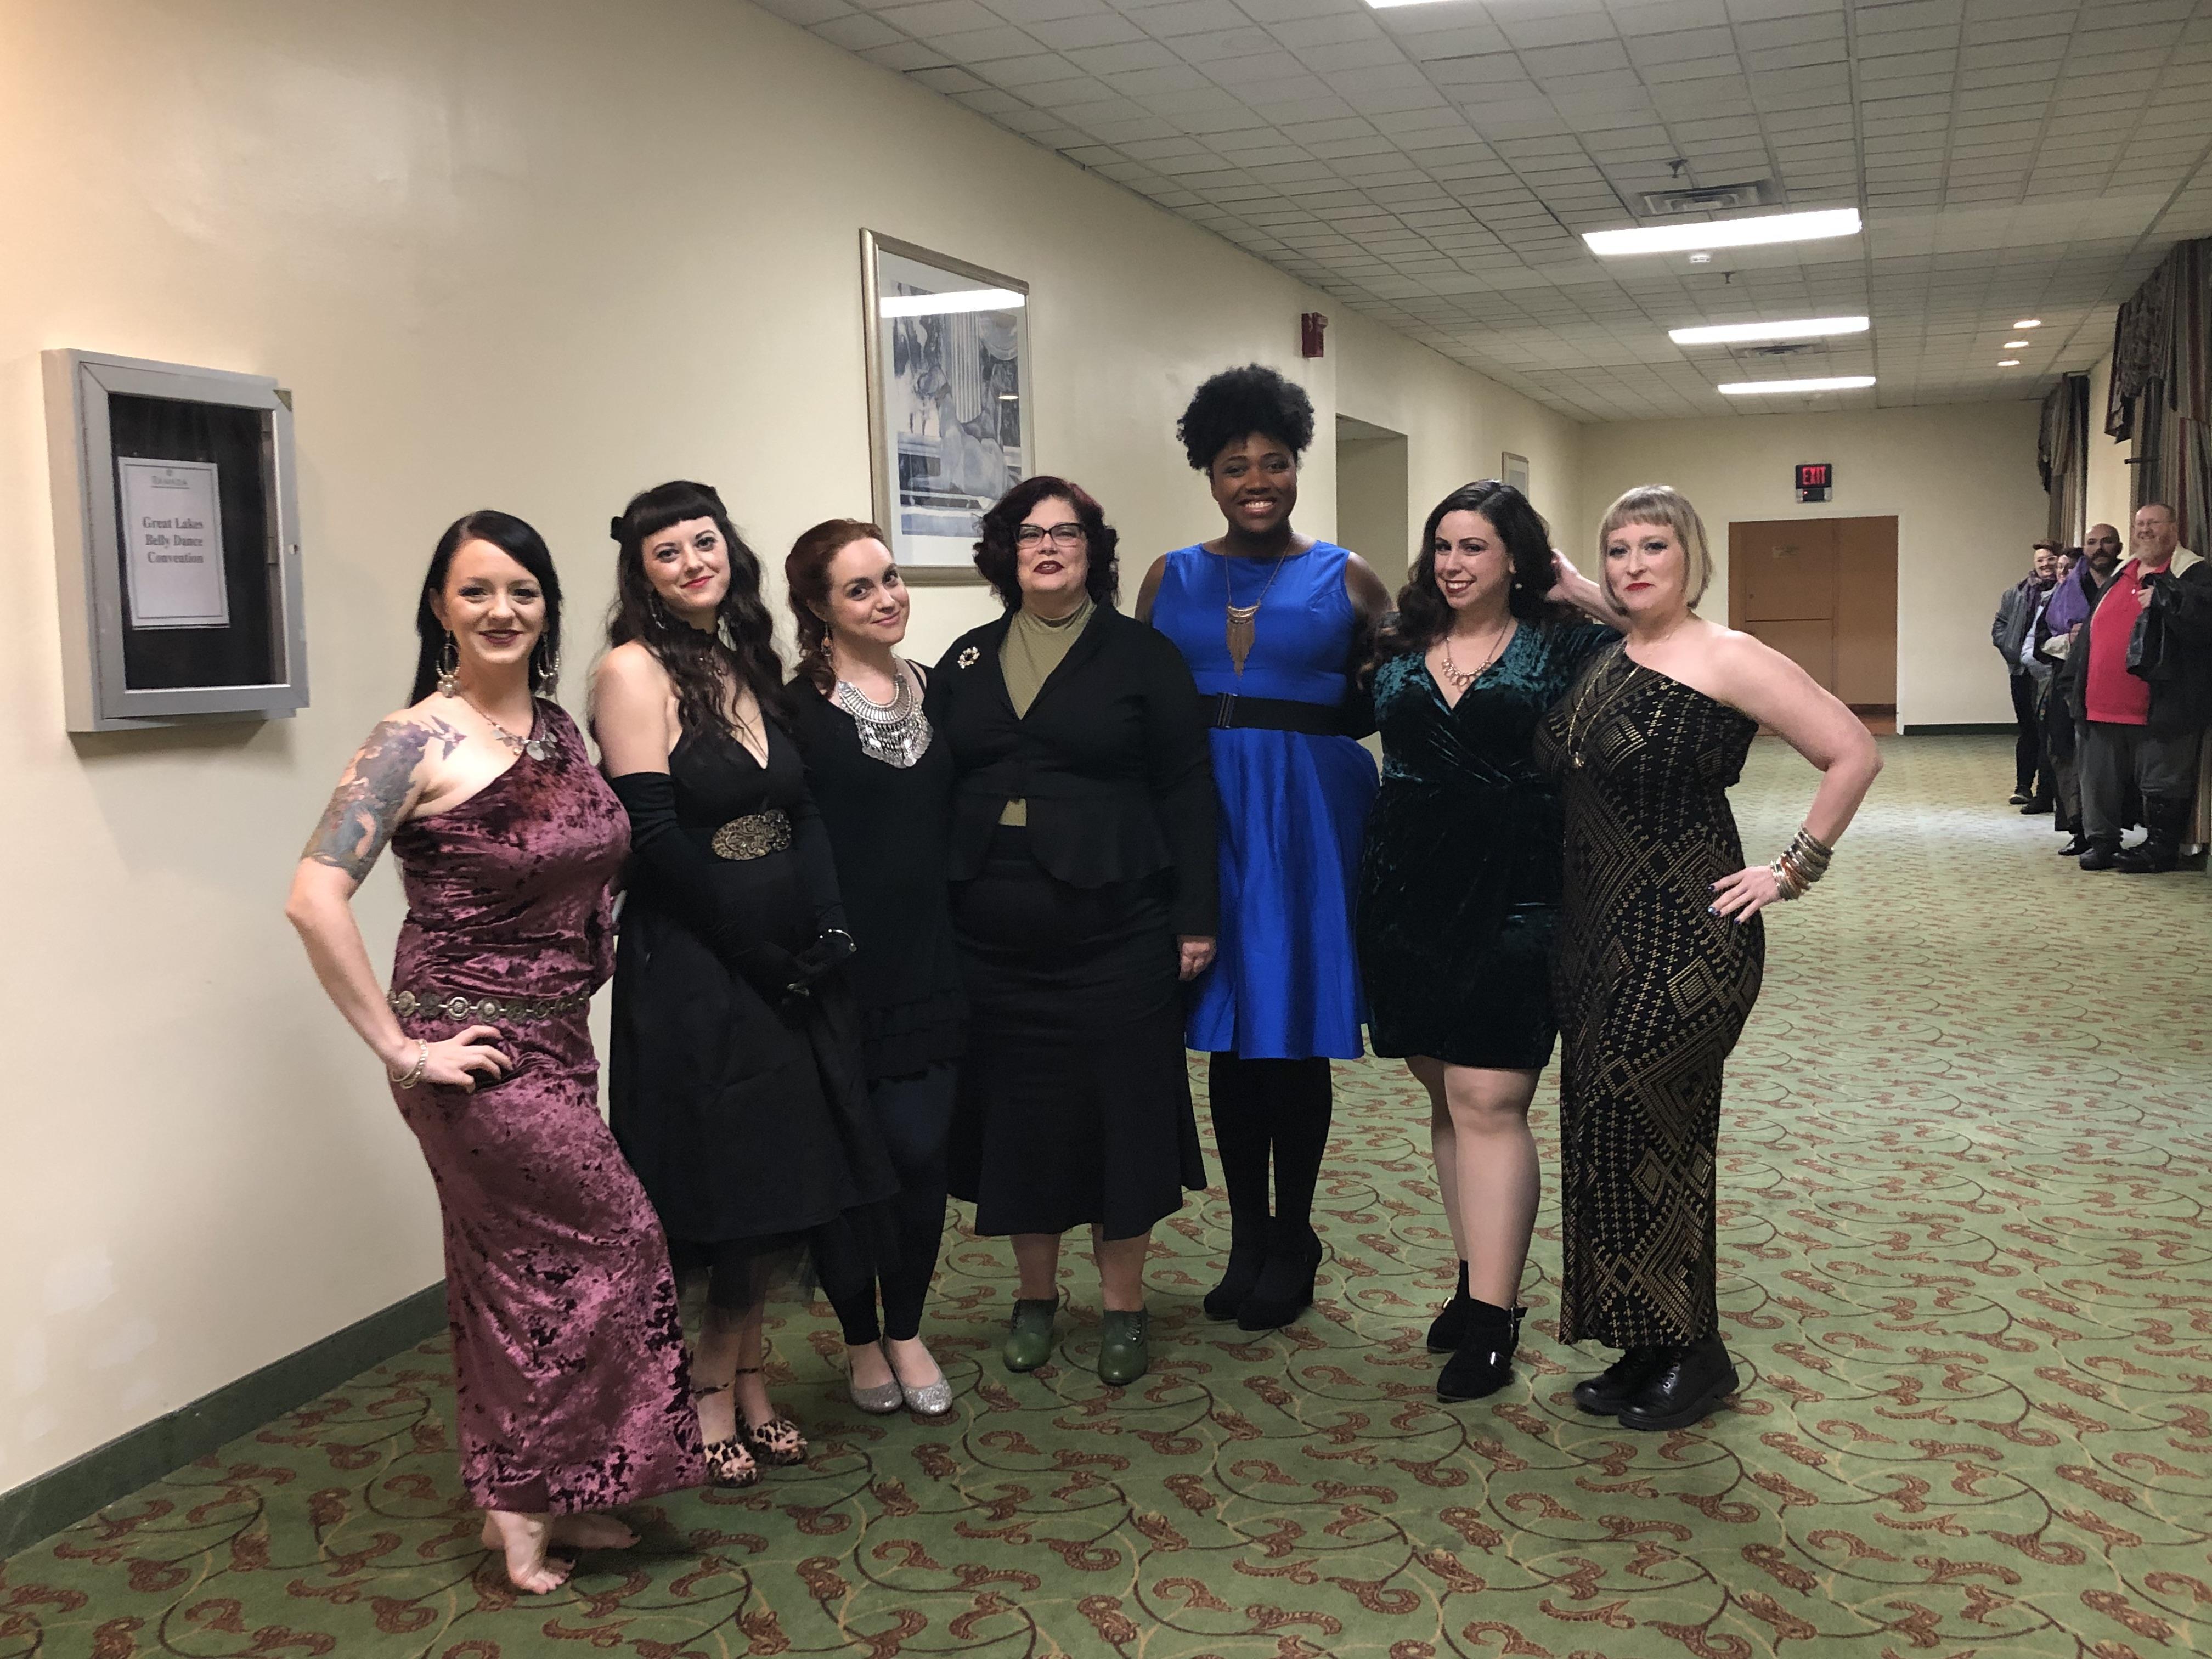 Ursula and the Veras